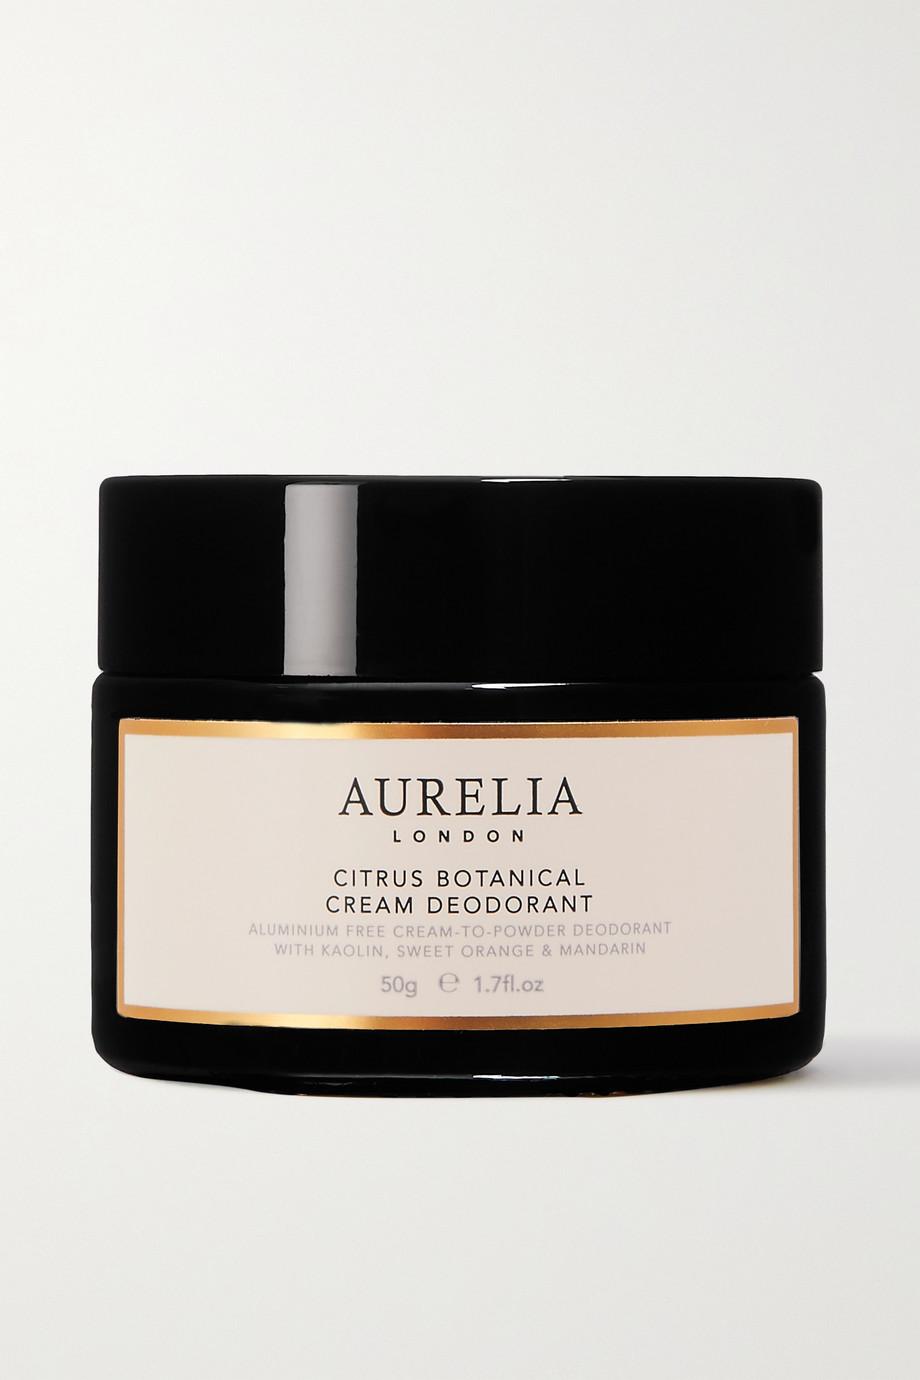 Aurelia Probiotic Skincare + NET SUSTAIN Citrus Botanical Cream Deodorant, 50g